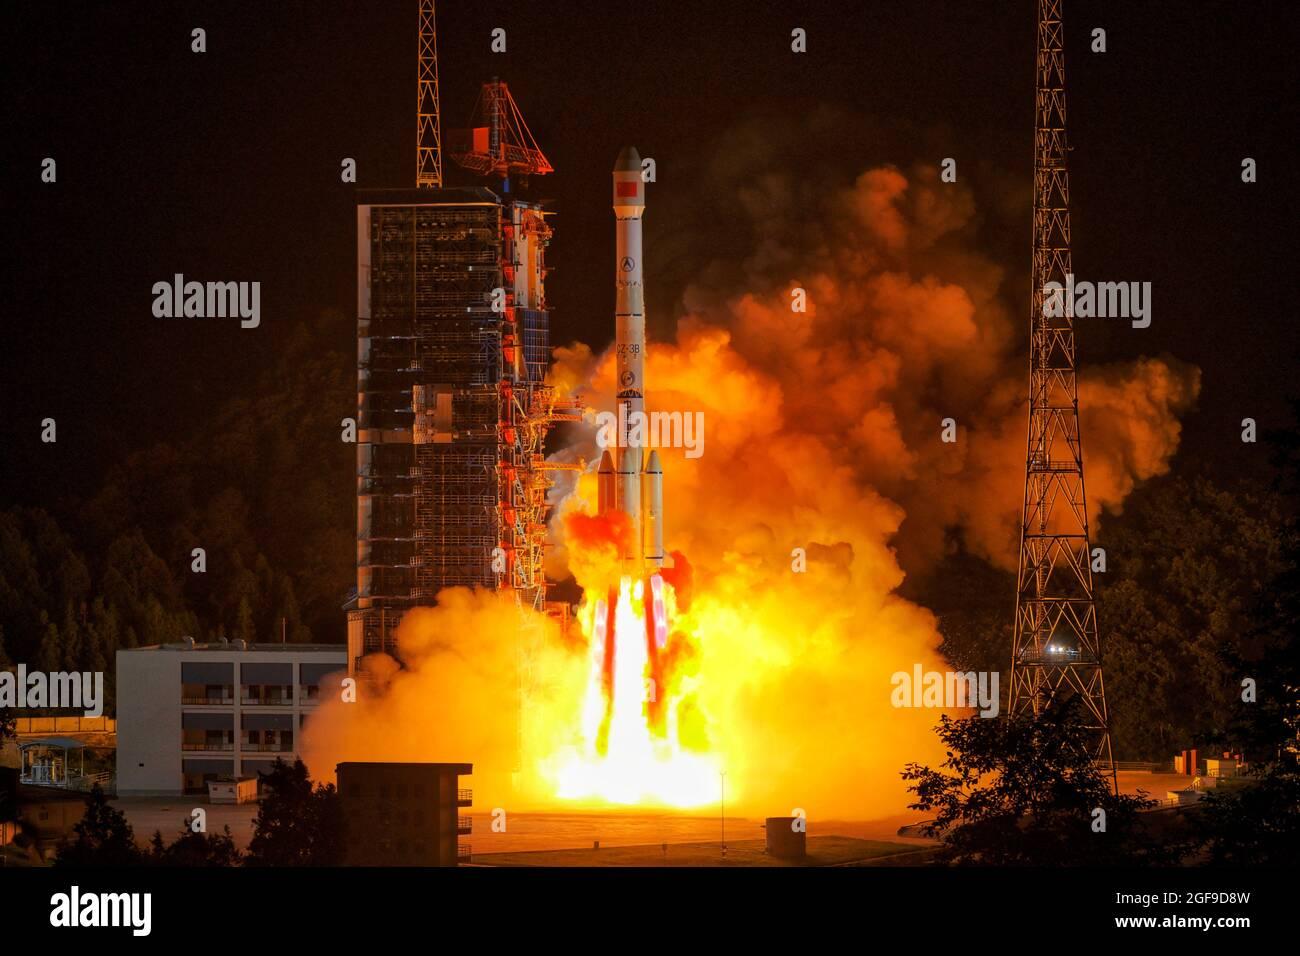 Xichang. August 2021. Ein neuer Experimentsatellit für Kommunikationstechnologie wird am 24. August 2021 um 11:41 Uhr (Pekinger Zeit) von einer langen Trägerrakete vom März-3B im Xichang Satellite Launch Center in der südwestlichen chinesischen Provinz Sichuan gestartet. China startete am Dienstag erfolgreich einen neuen Experimentsatelliten für Kommunikationstechnologie vom Xichang Satellite Launch Center in der südwestlichen Provinz Sichuan in China. Quelle: Guo Wenbin/Xinhua/Alamy Live News Stockfoto